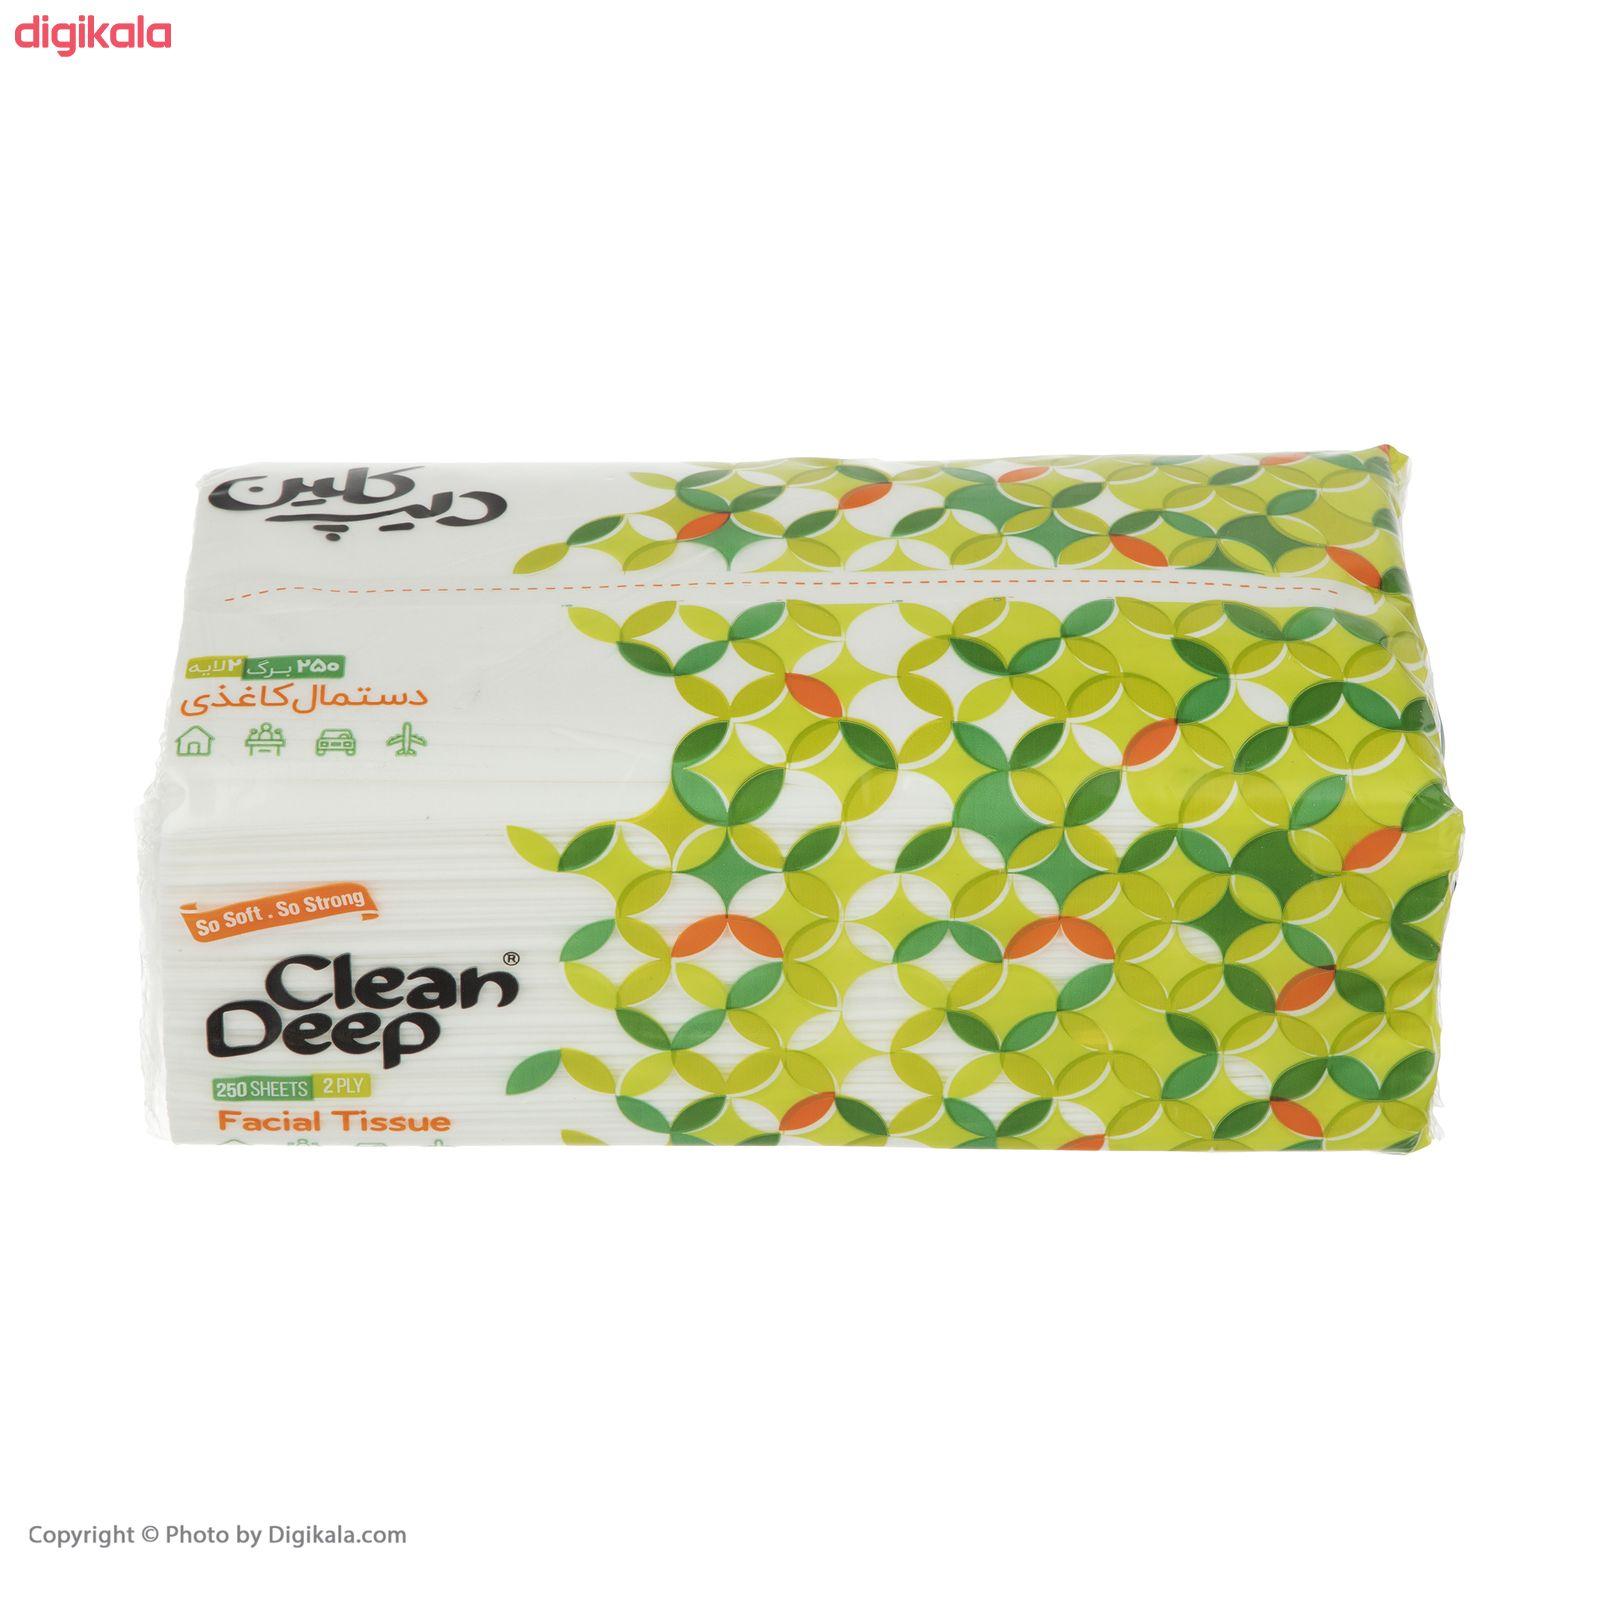 دستمال کاغذی 250 برگ دیپ کلین مدل 03  main 1 1